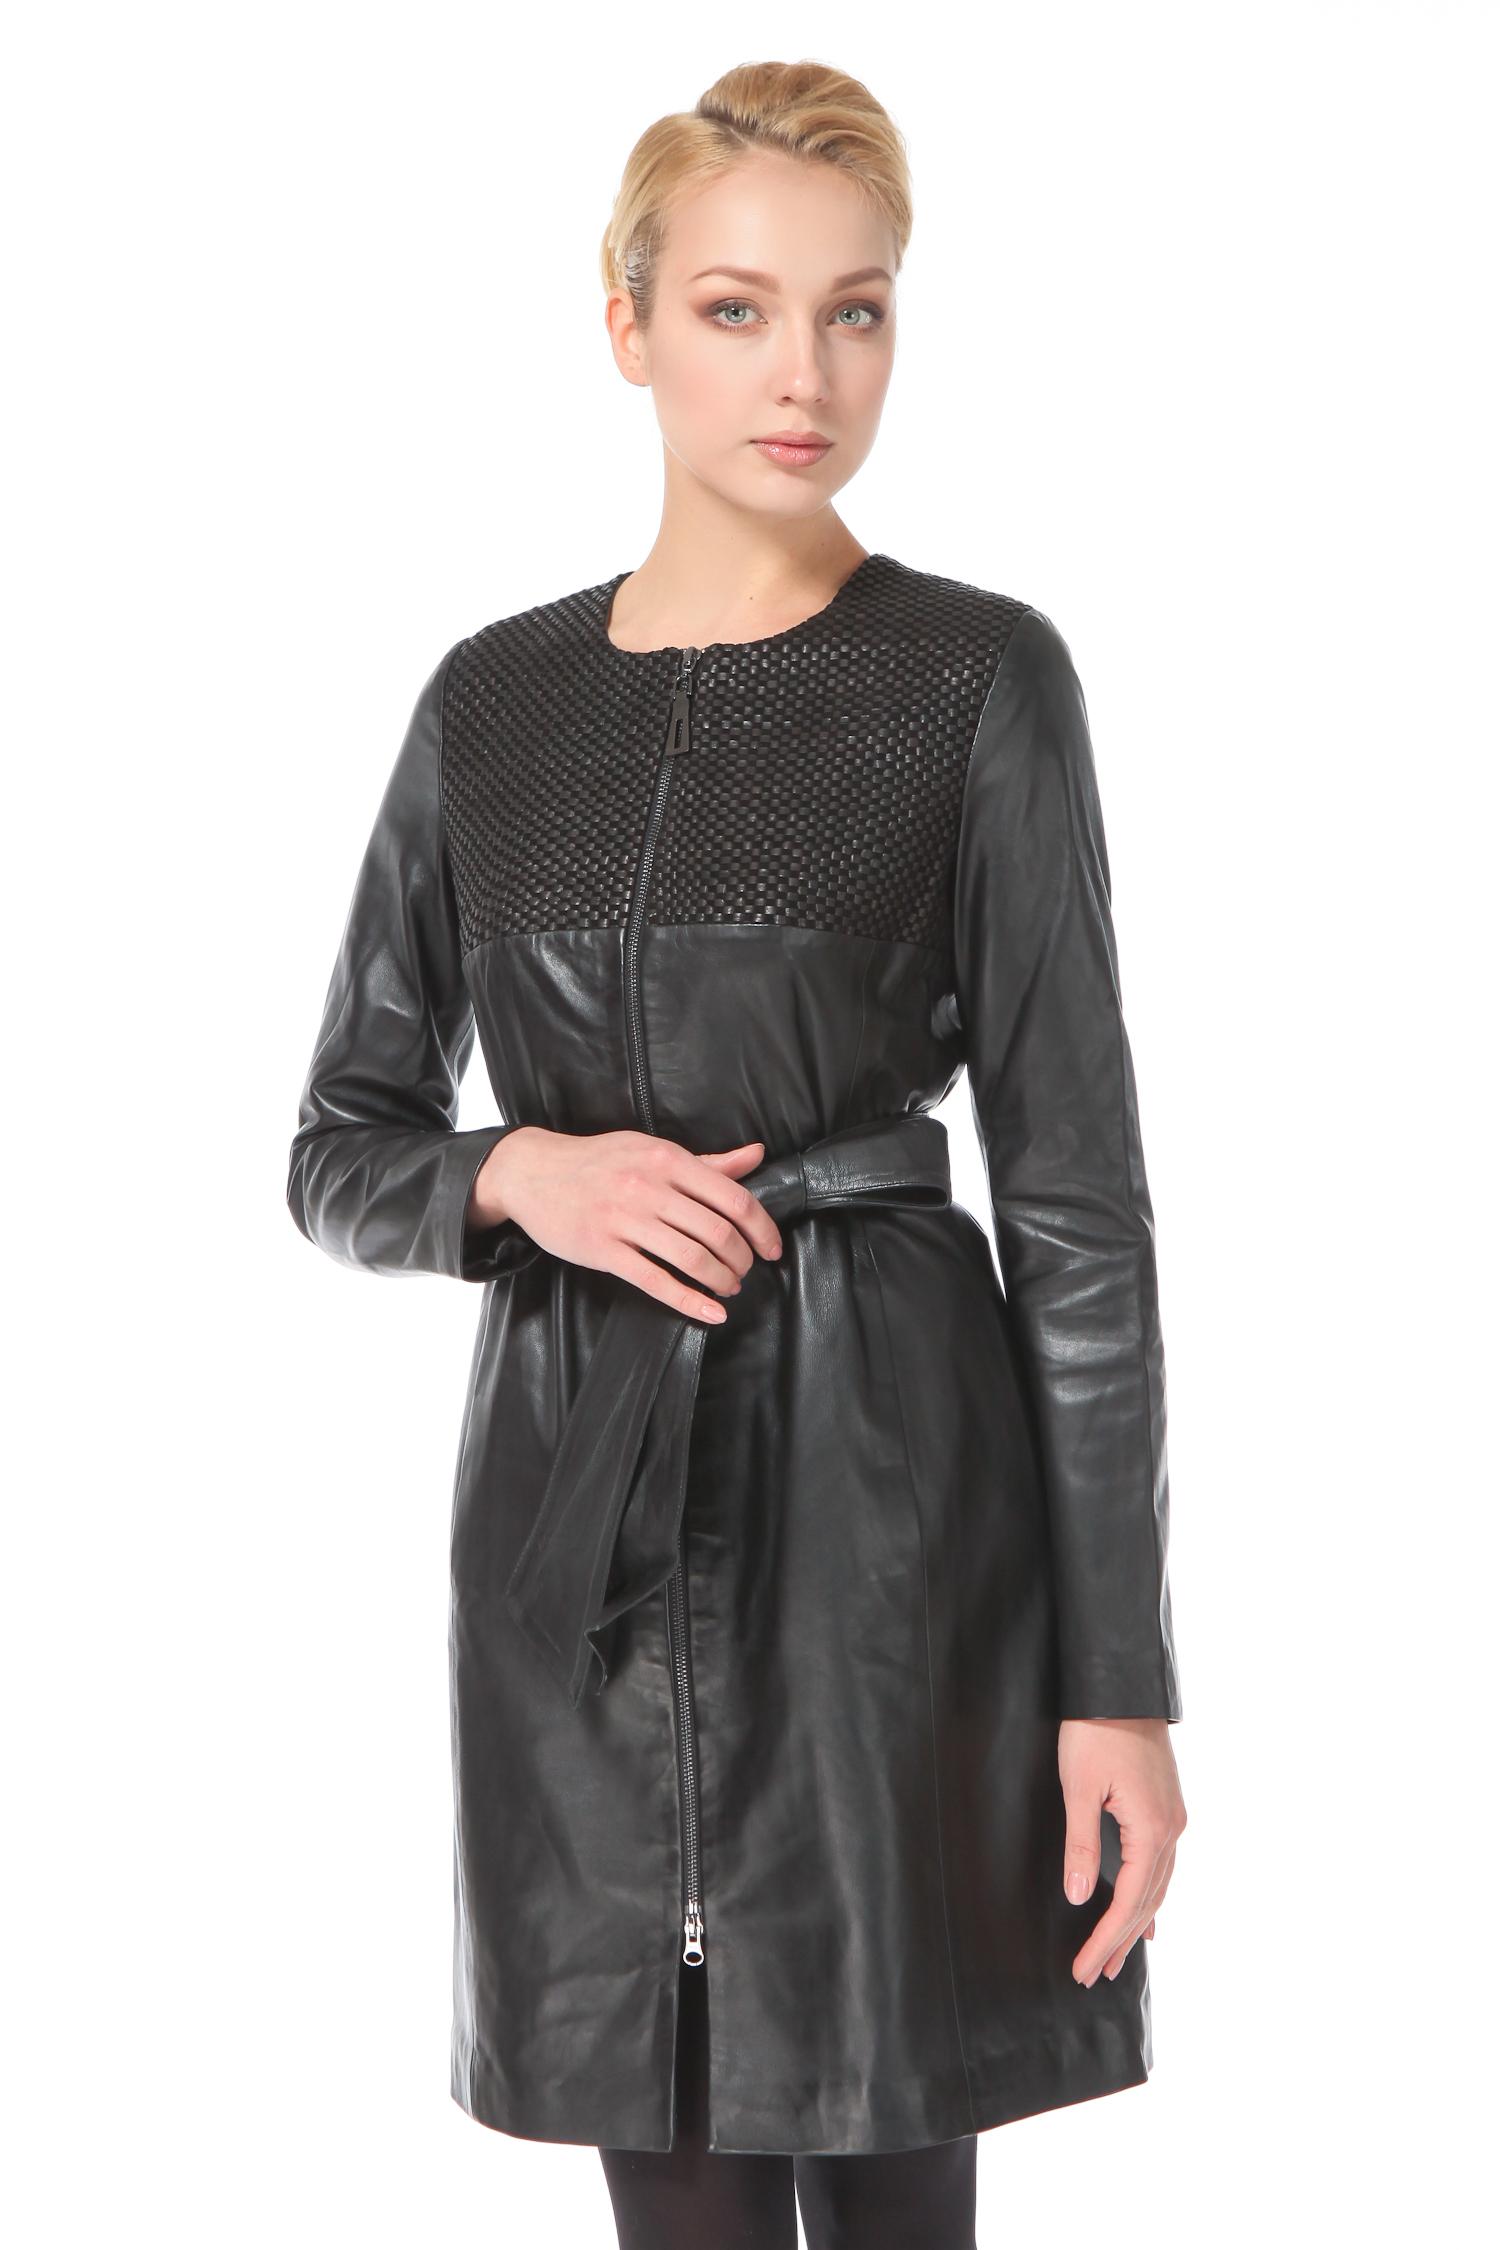 Женское кожаное пальто из натуральной кожи с воротником, без отделки<br><br>Длина см: Длинная (свыше 90)<br>Материал: Кожа овчина<br>Цвет: черный<br>Пол: Женский<br>Размер RU: 50